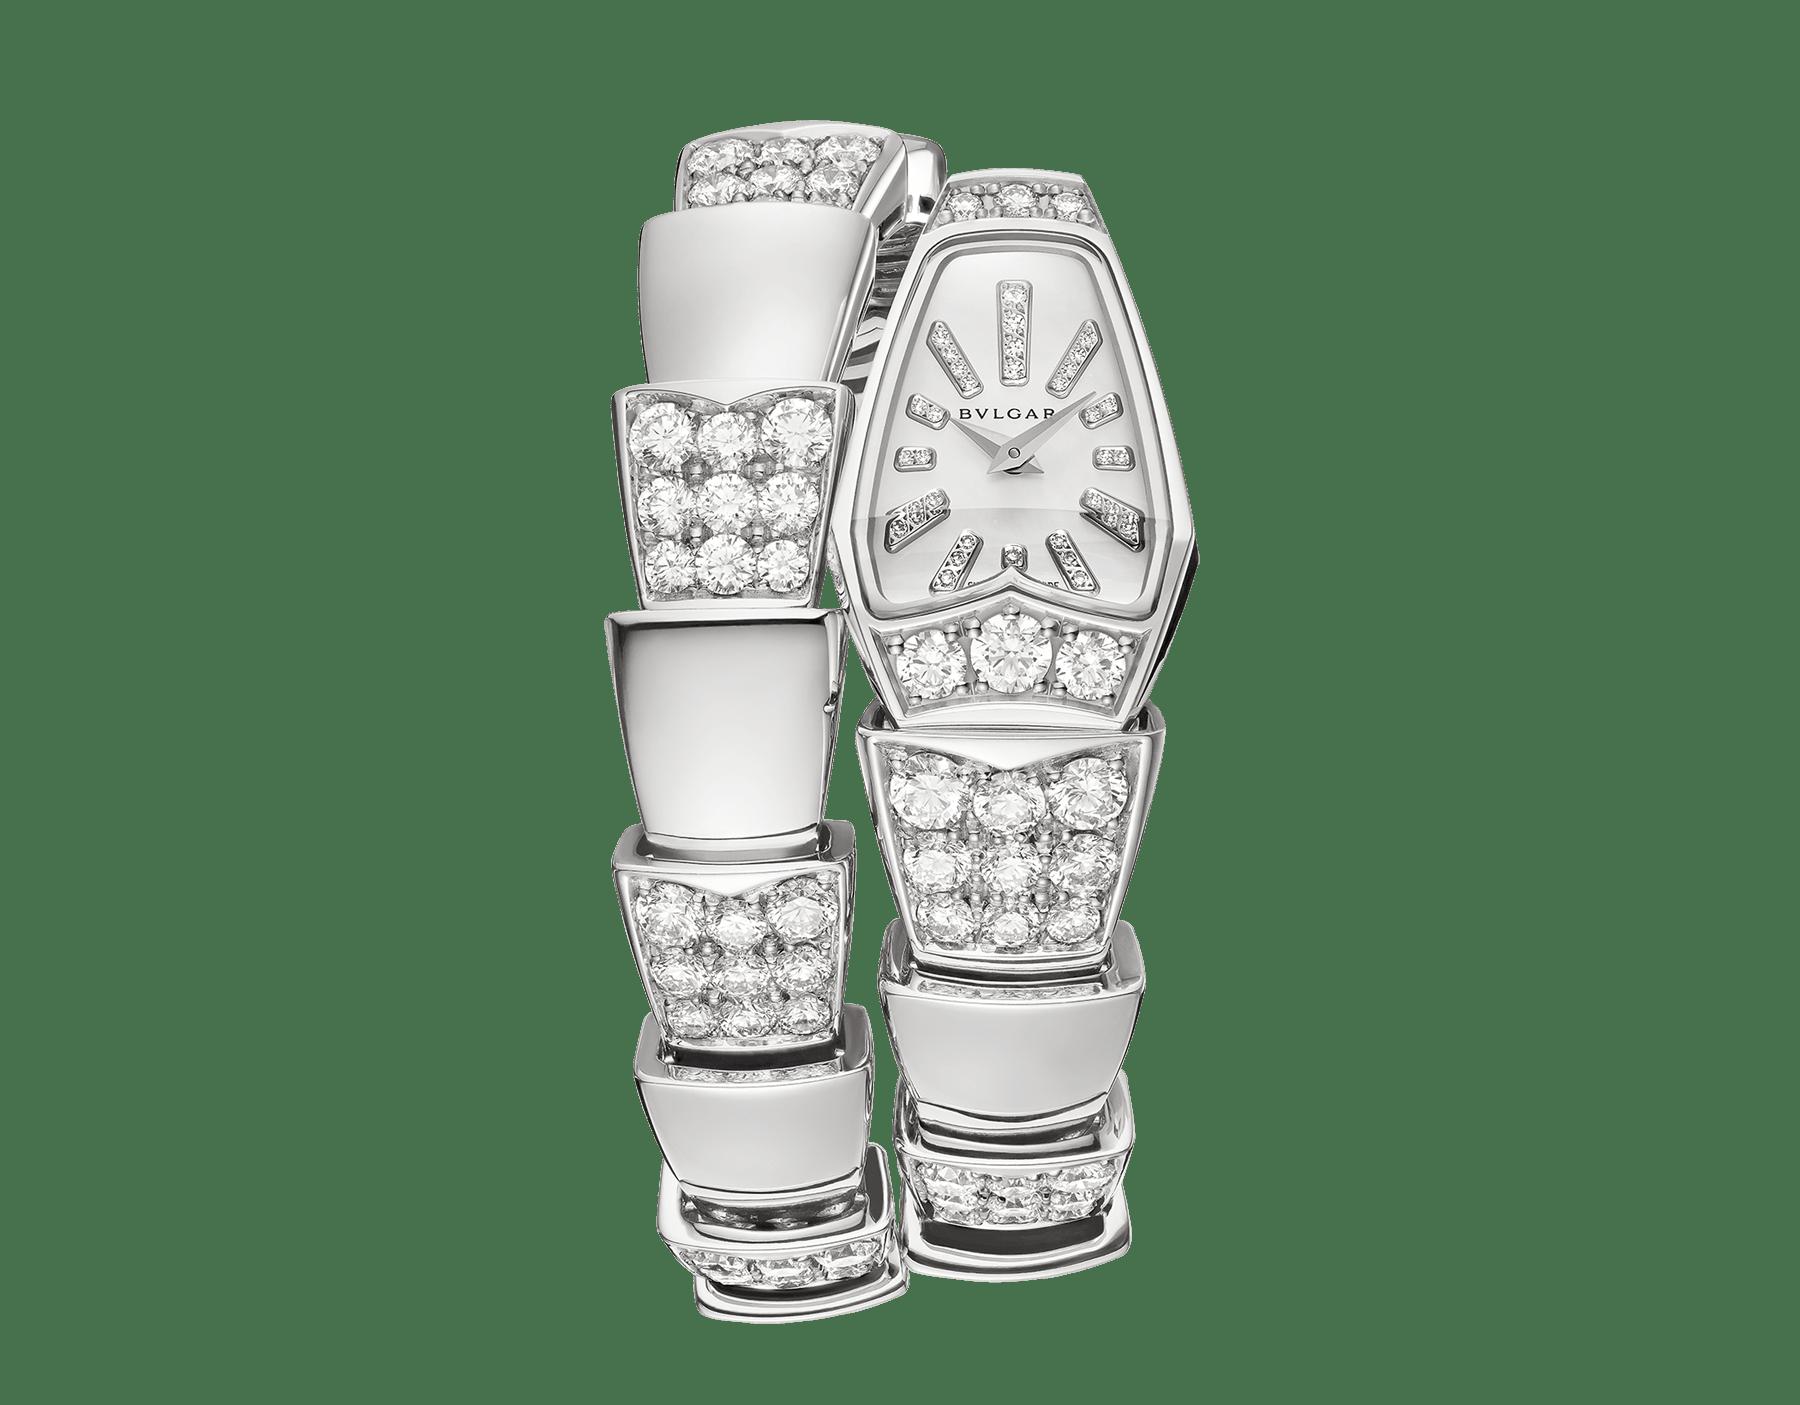 Relógio de Joalheria Serpenti com caixa e pulseira de uma volta em ouro branco 18K cravejadas com diamantes lapidação brilhante, mostrador em madrepérola branca e índices de diamante. 101787 image 1